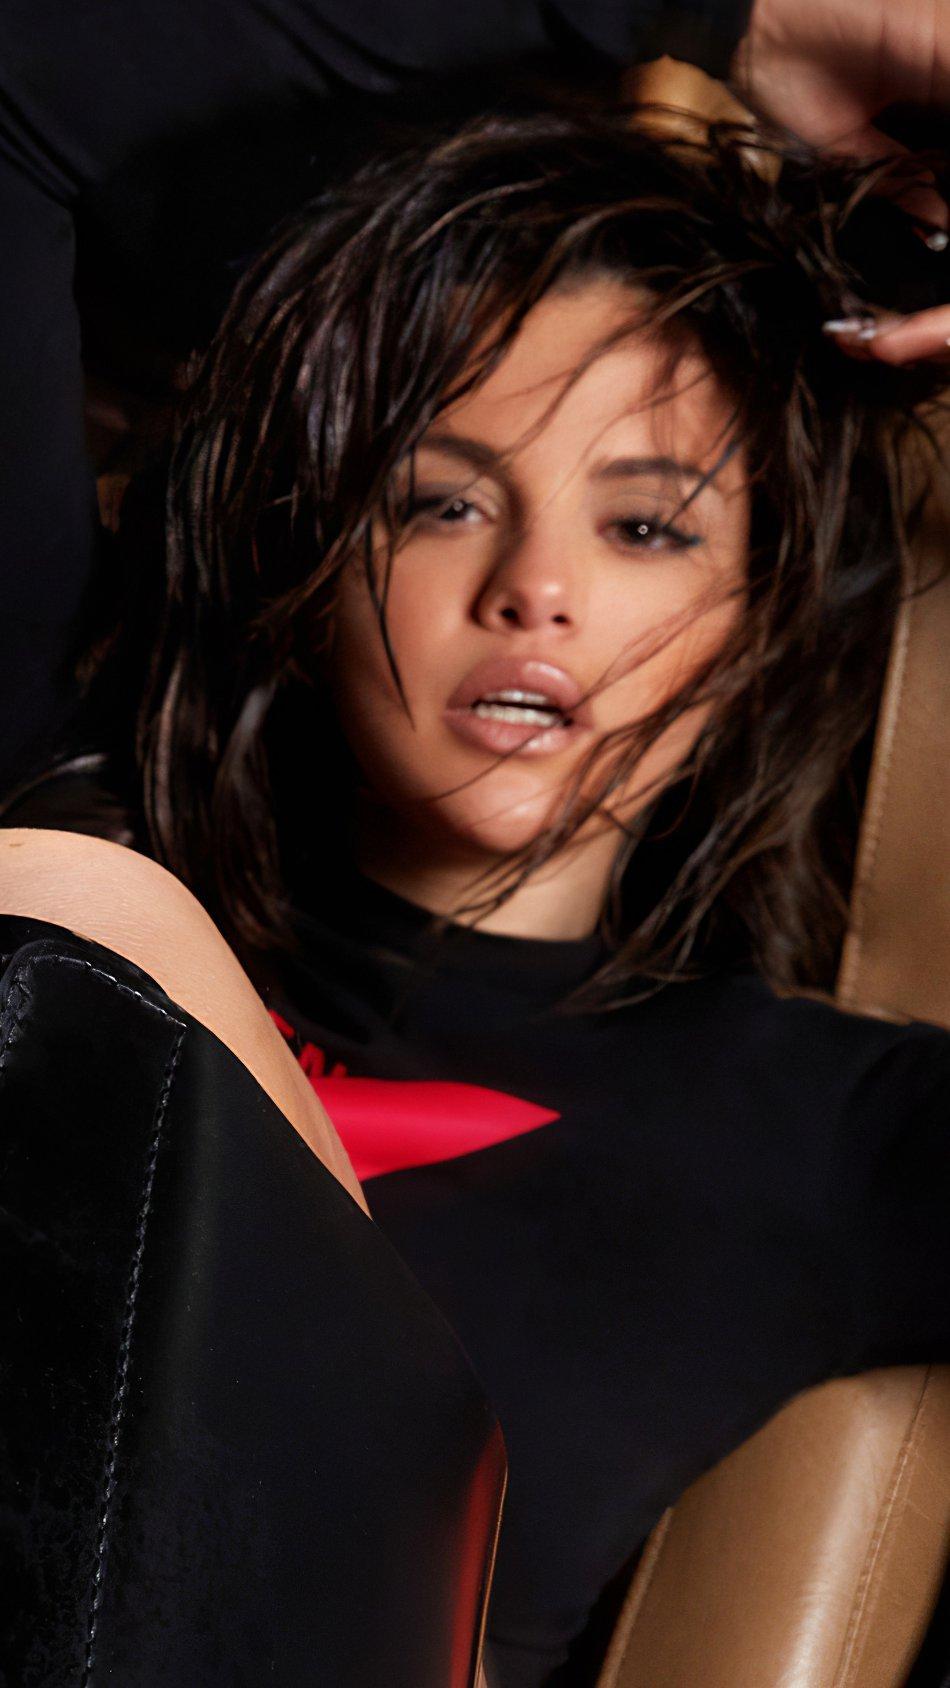 Fondos de pantalla Selena Gomez en carro deportivo Vertical